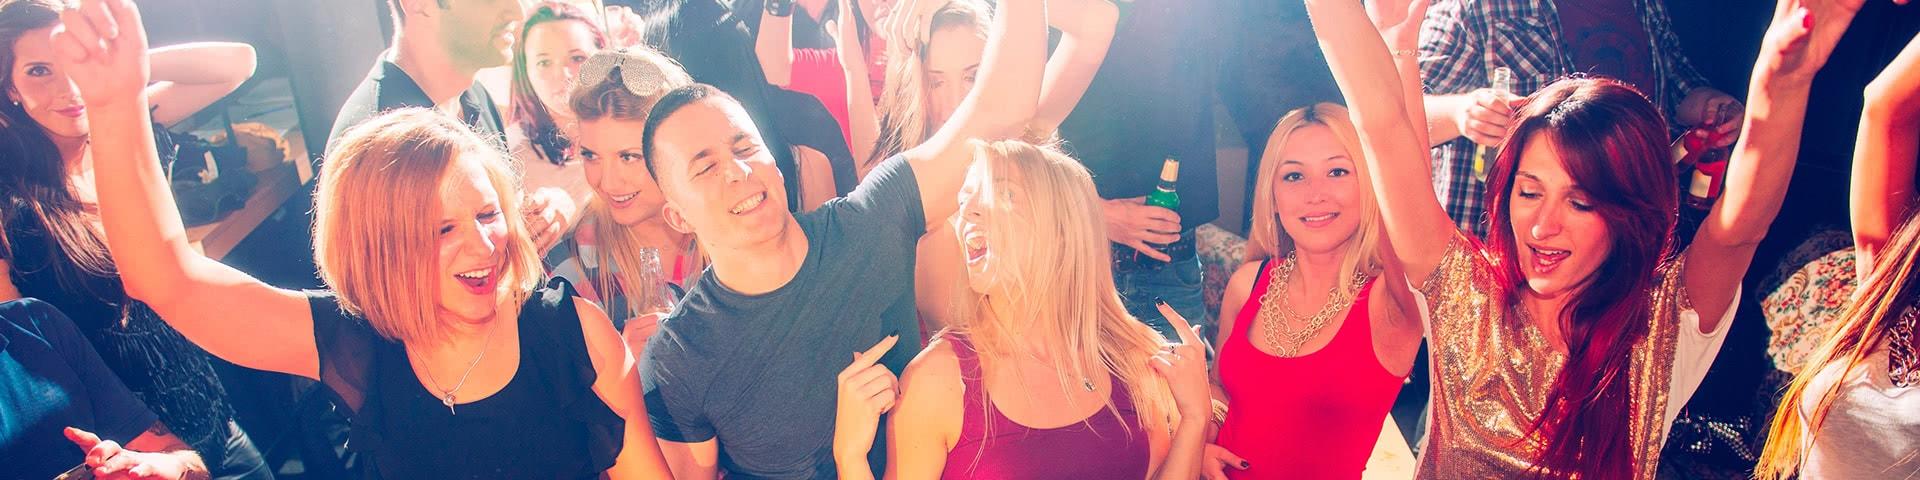 Feiernde und tanzende Menschen beim Schlagerfinale in Egmond aan Zee